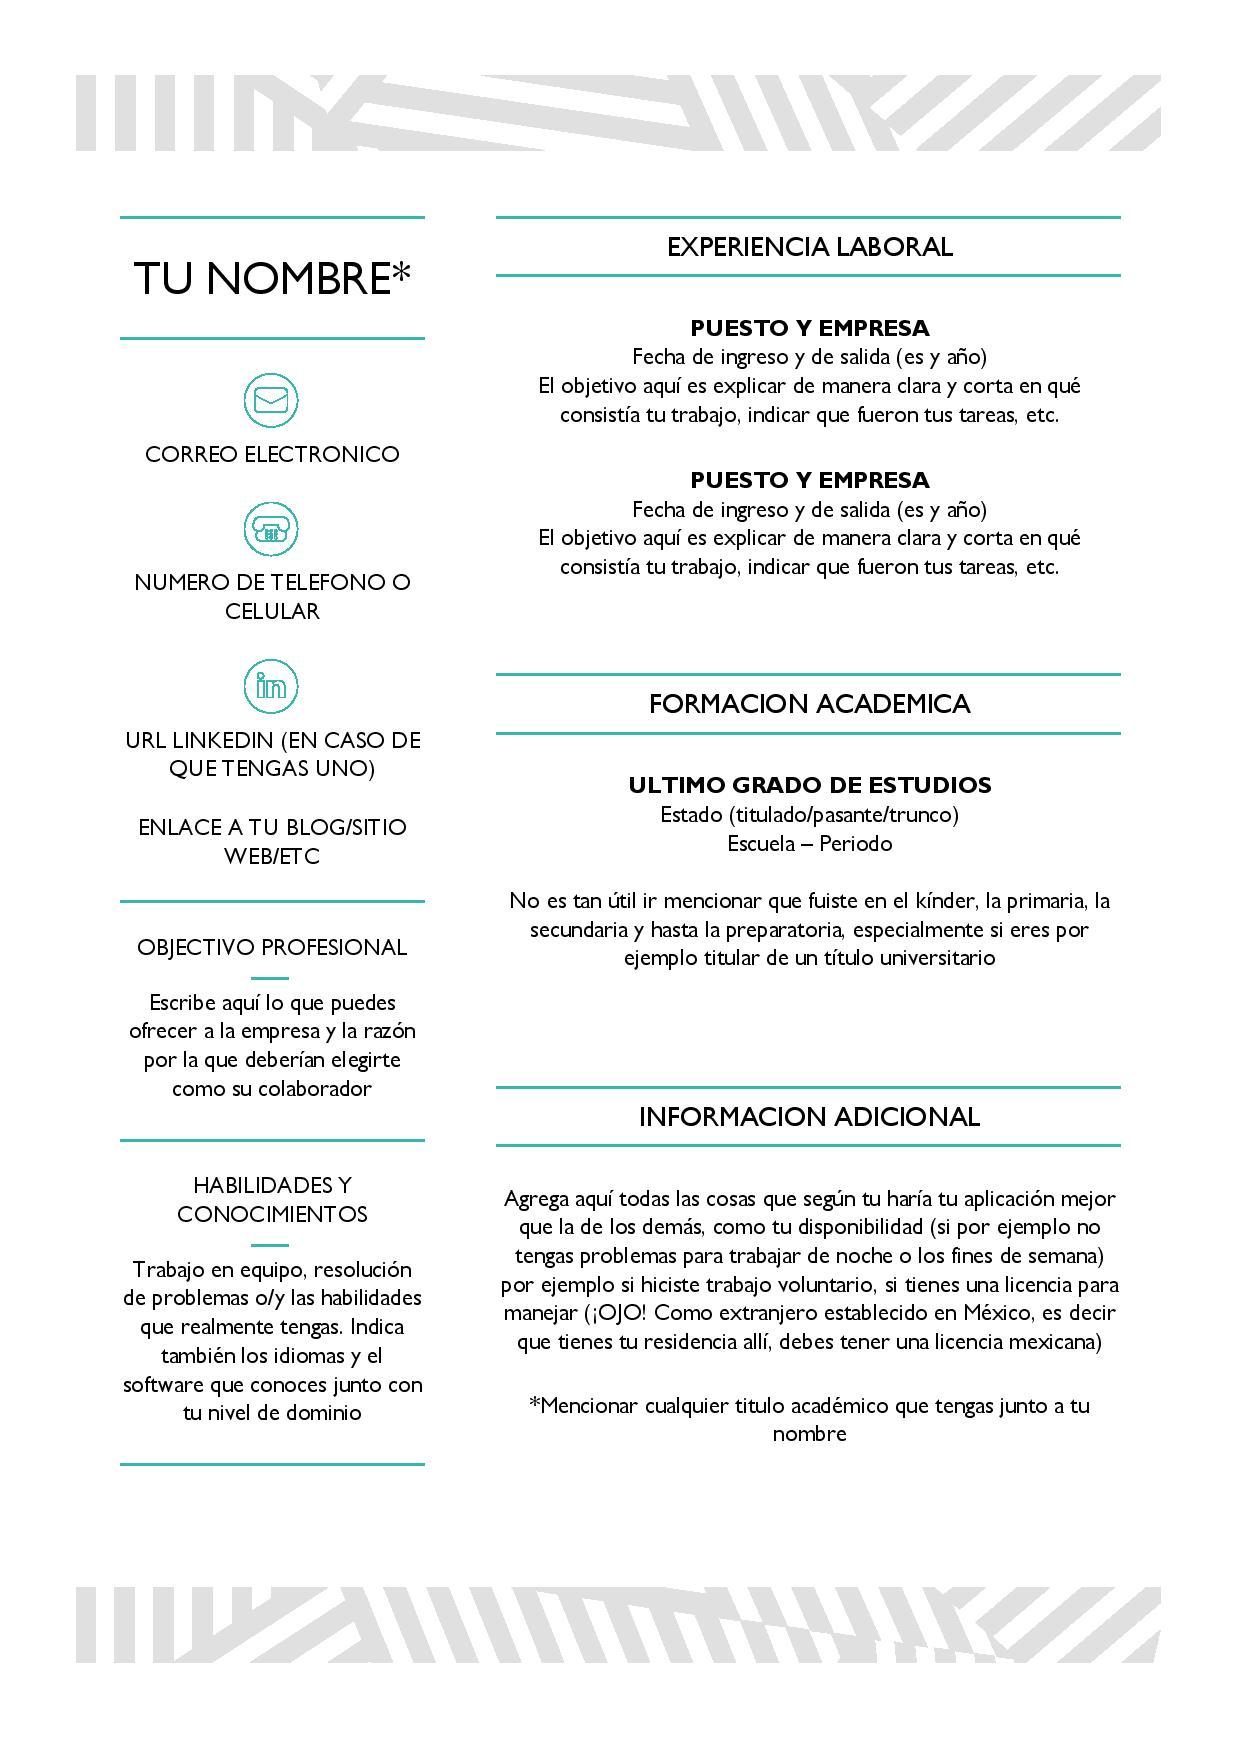 trouver un travail au mexique - page 4 sur 5